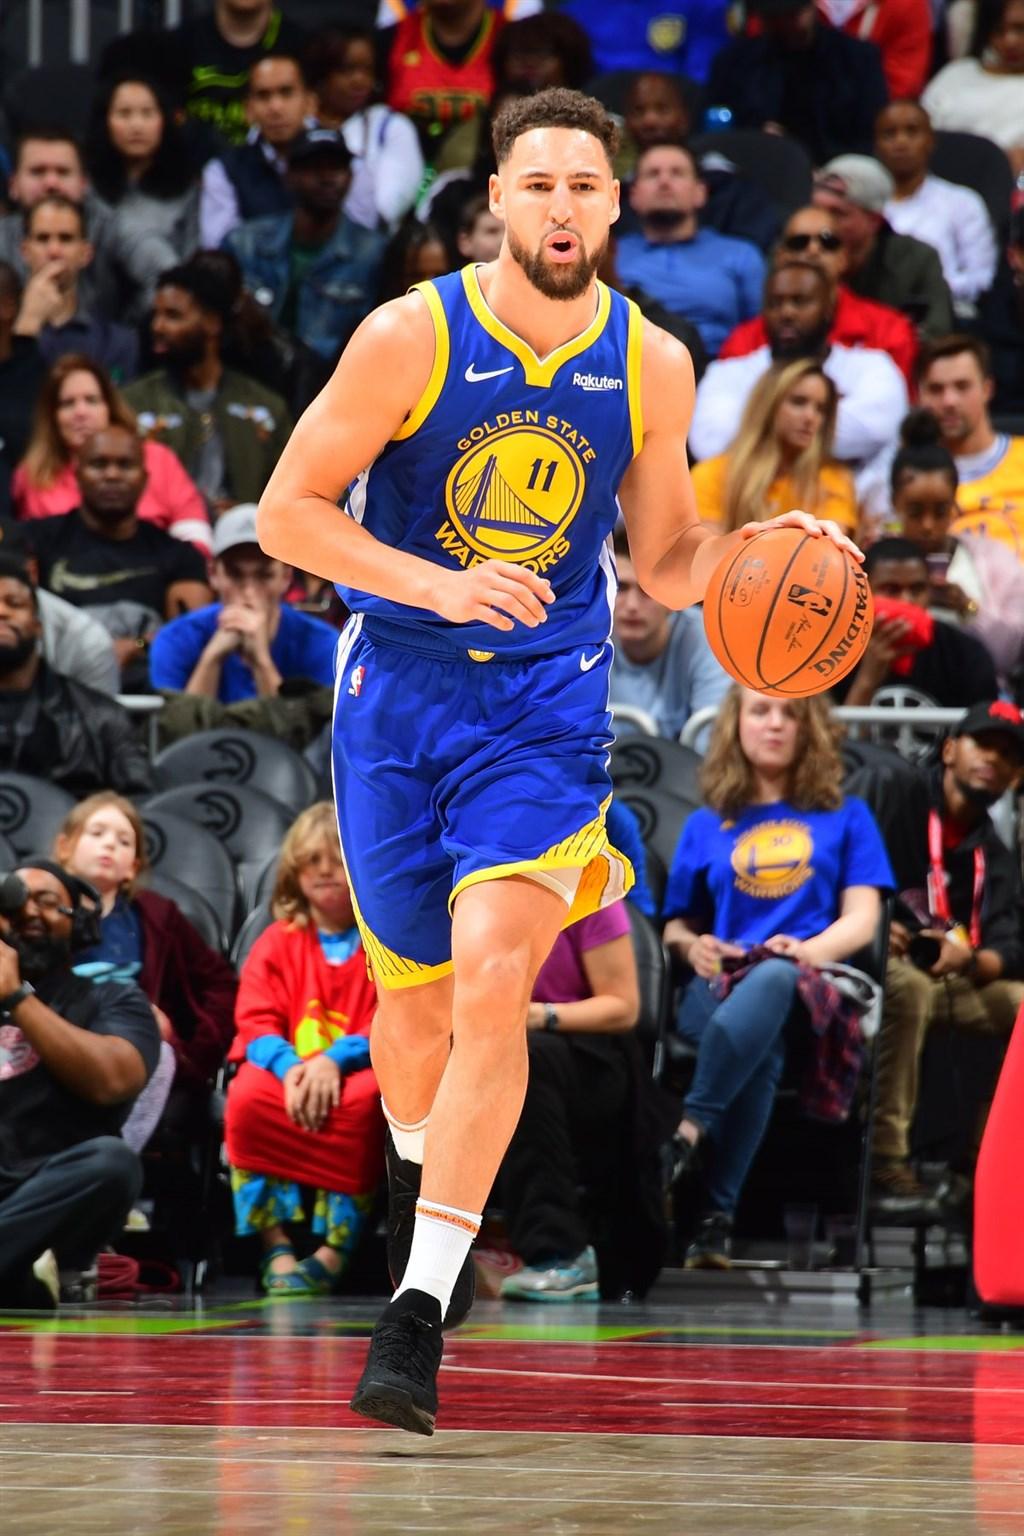 美國職籃NBA金州勇士隊19日證實,陣中明星得分後衛湯普森(前)18日在南加州訓練時右腳阿基里斯腱撕裂,下一季將整季報銷。(圖取自facebook.com/KlayThompson)